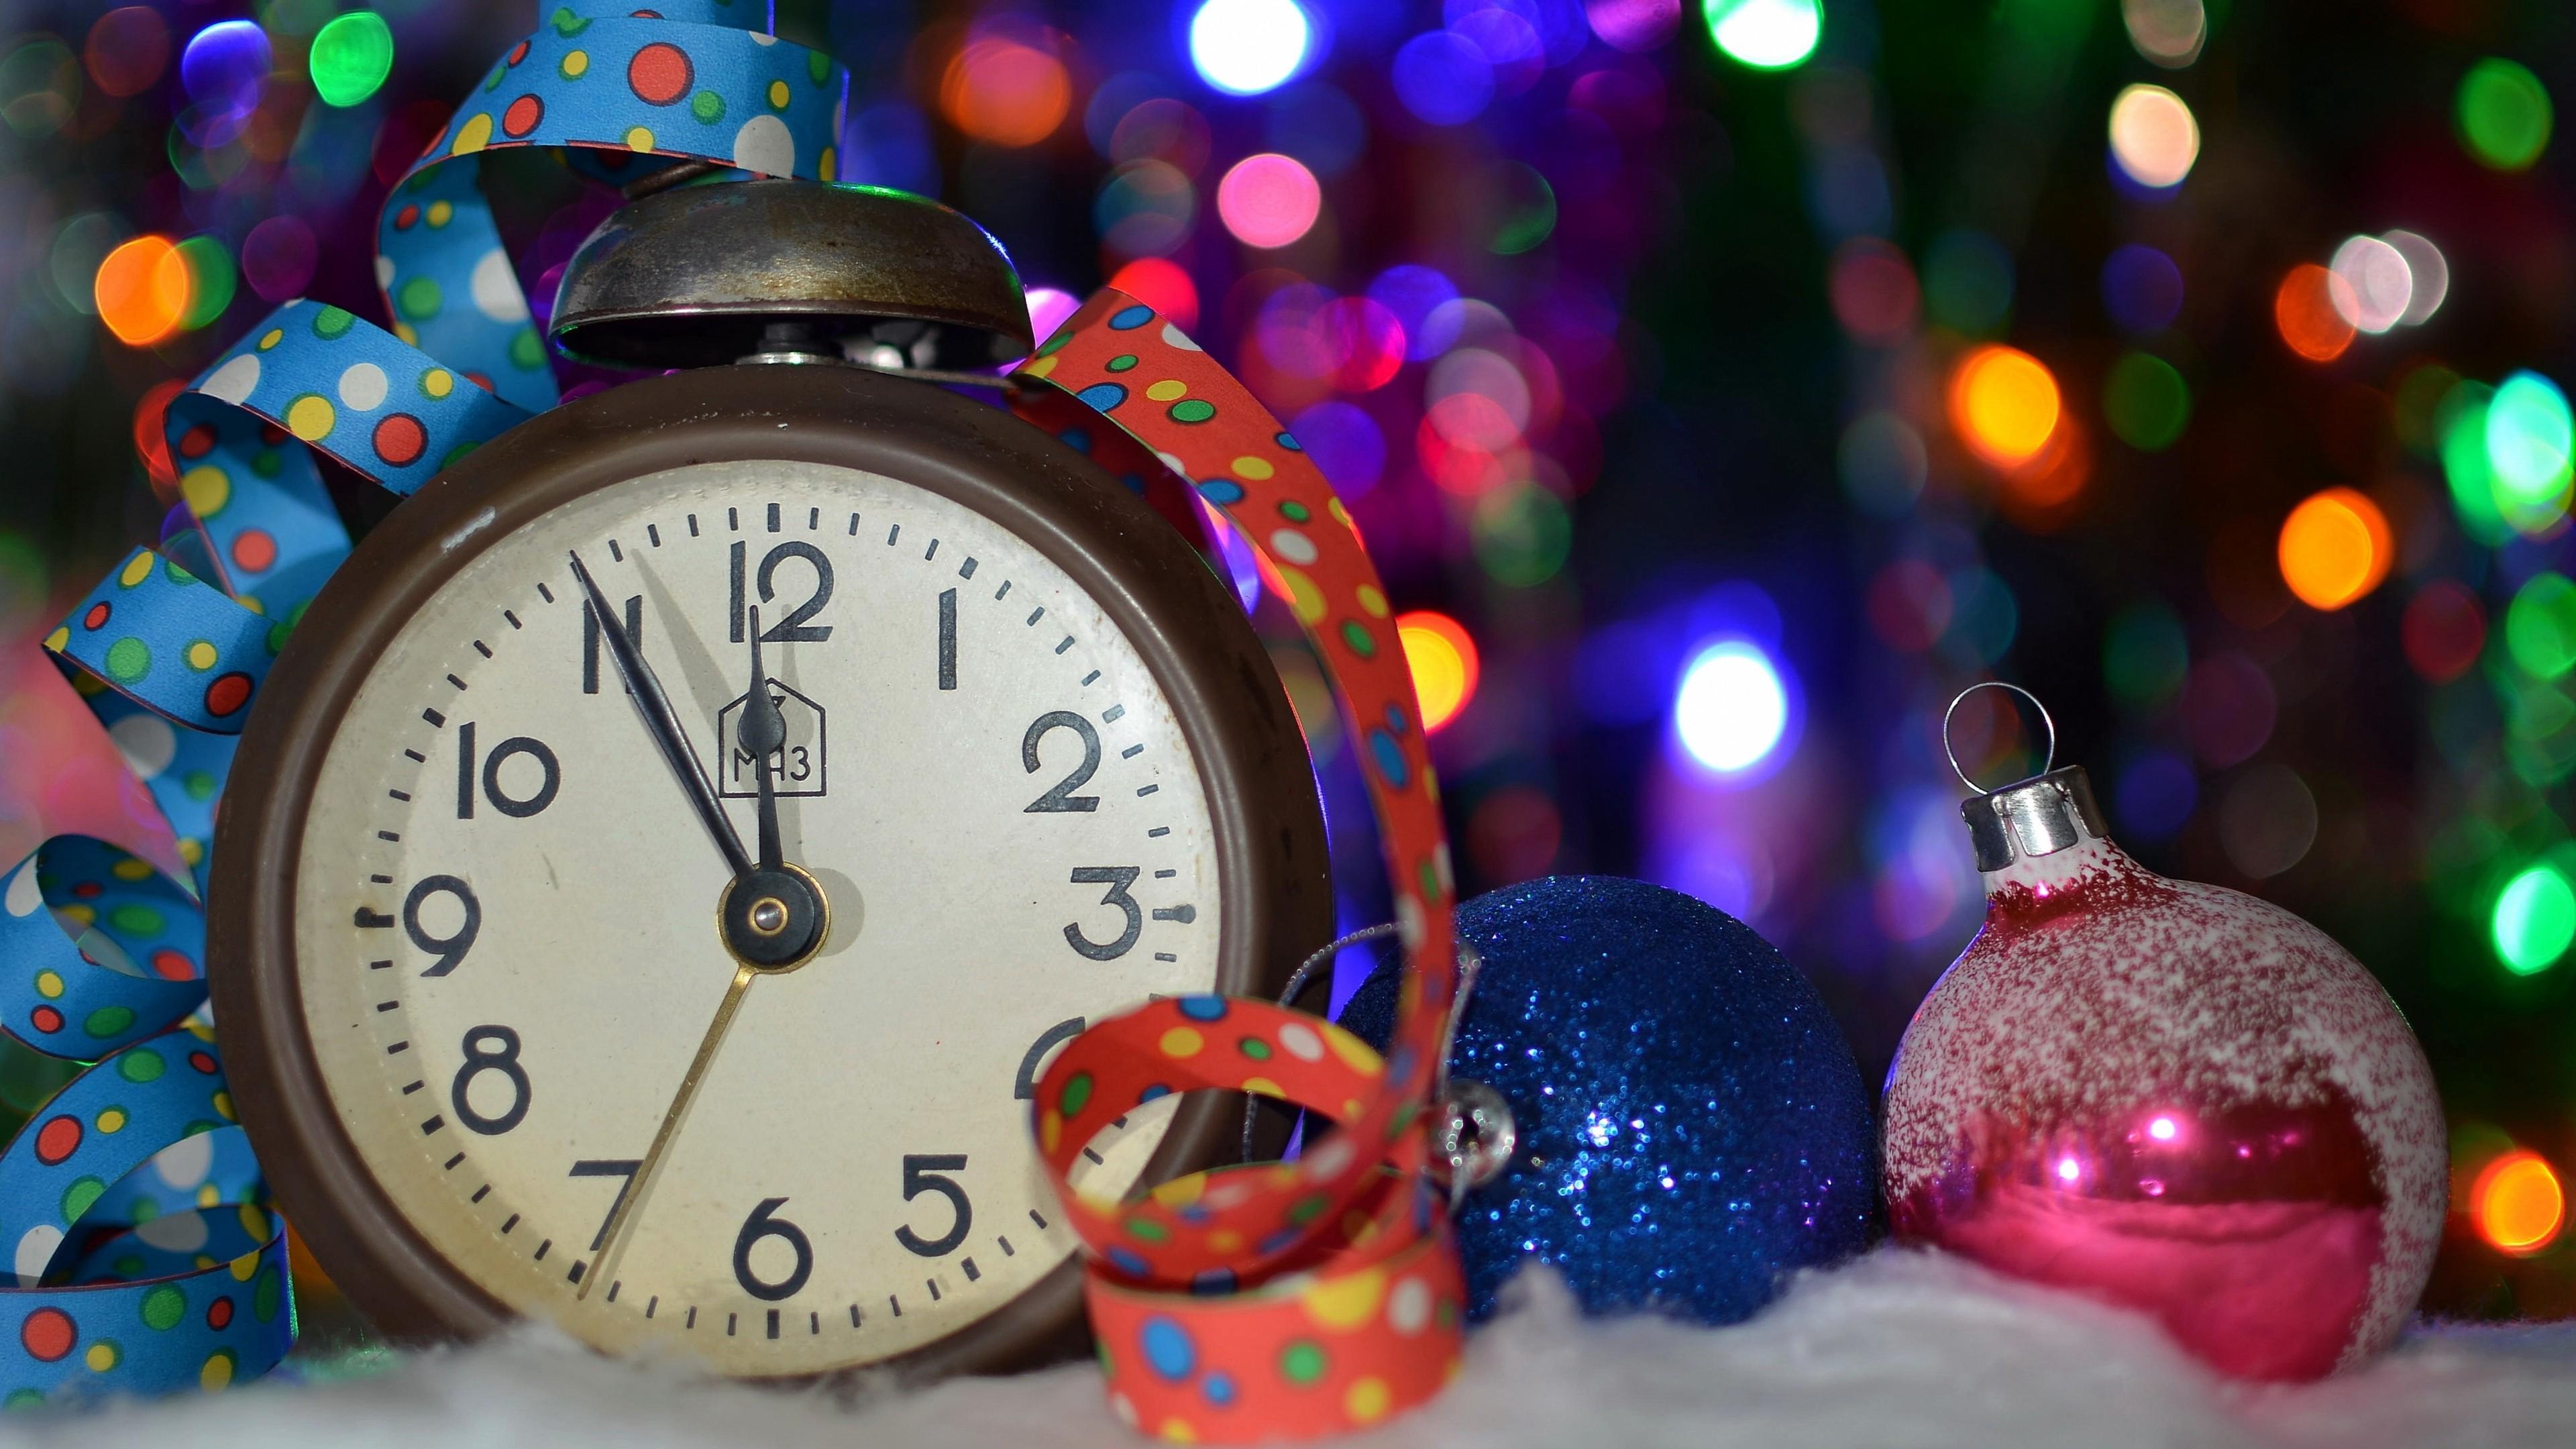 Новости PRO Ремонт - Успеть за неделю: какой мини-ремонт можно сделать в новогодние праздники